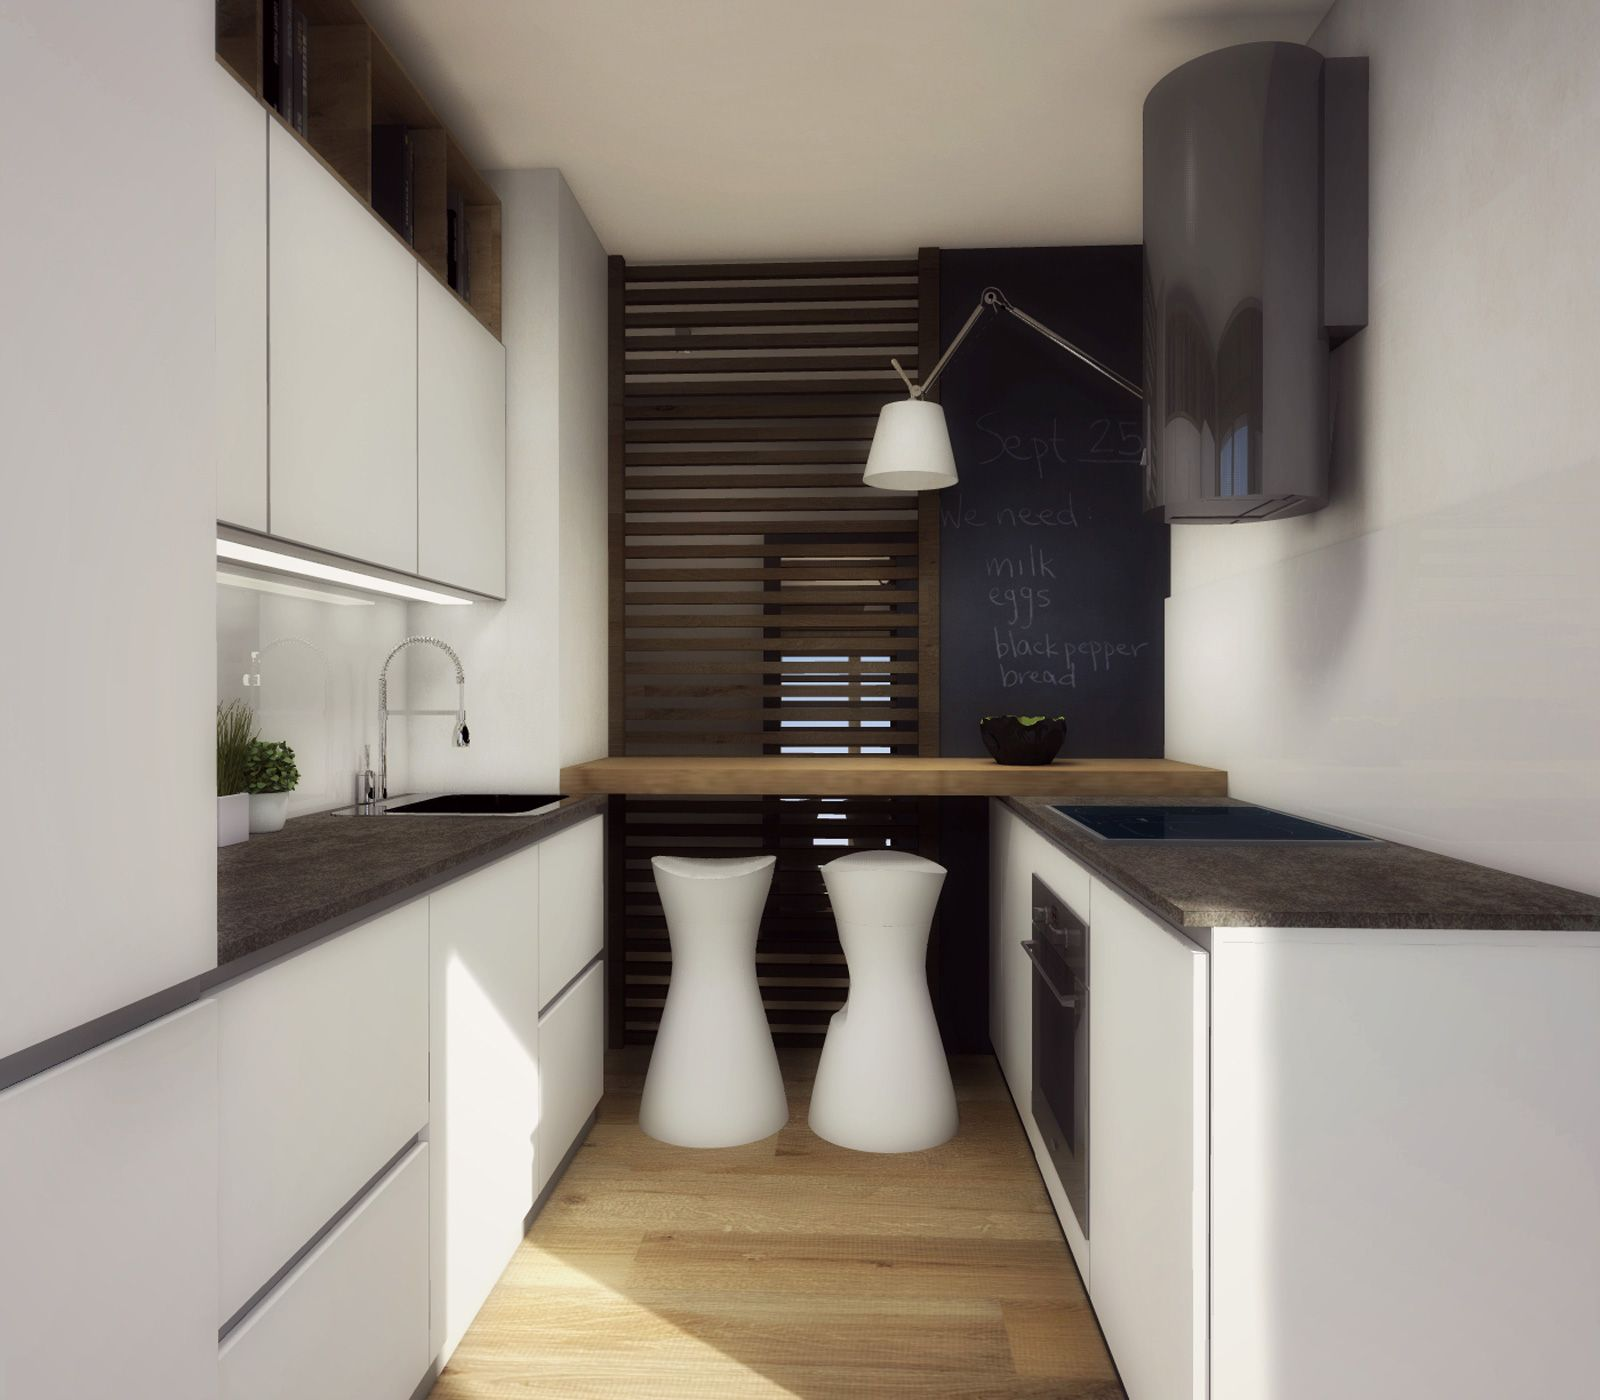 Arredamento cucine piccole: un progetto per meno di 6 mq | Cucina ...